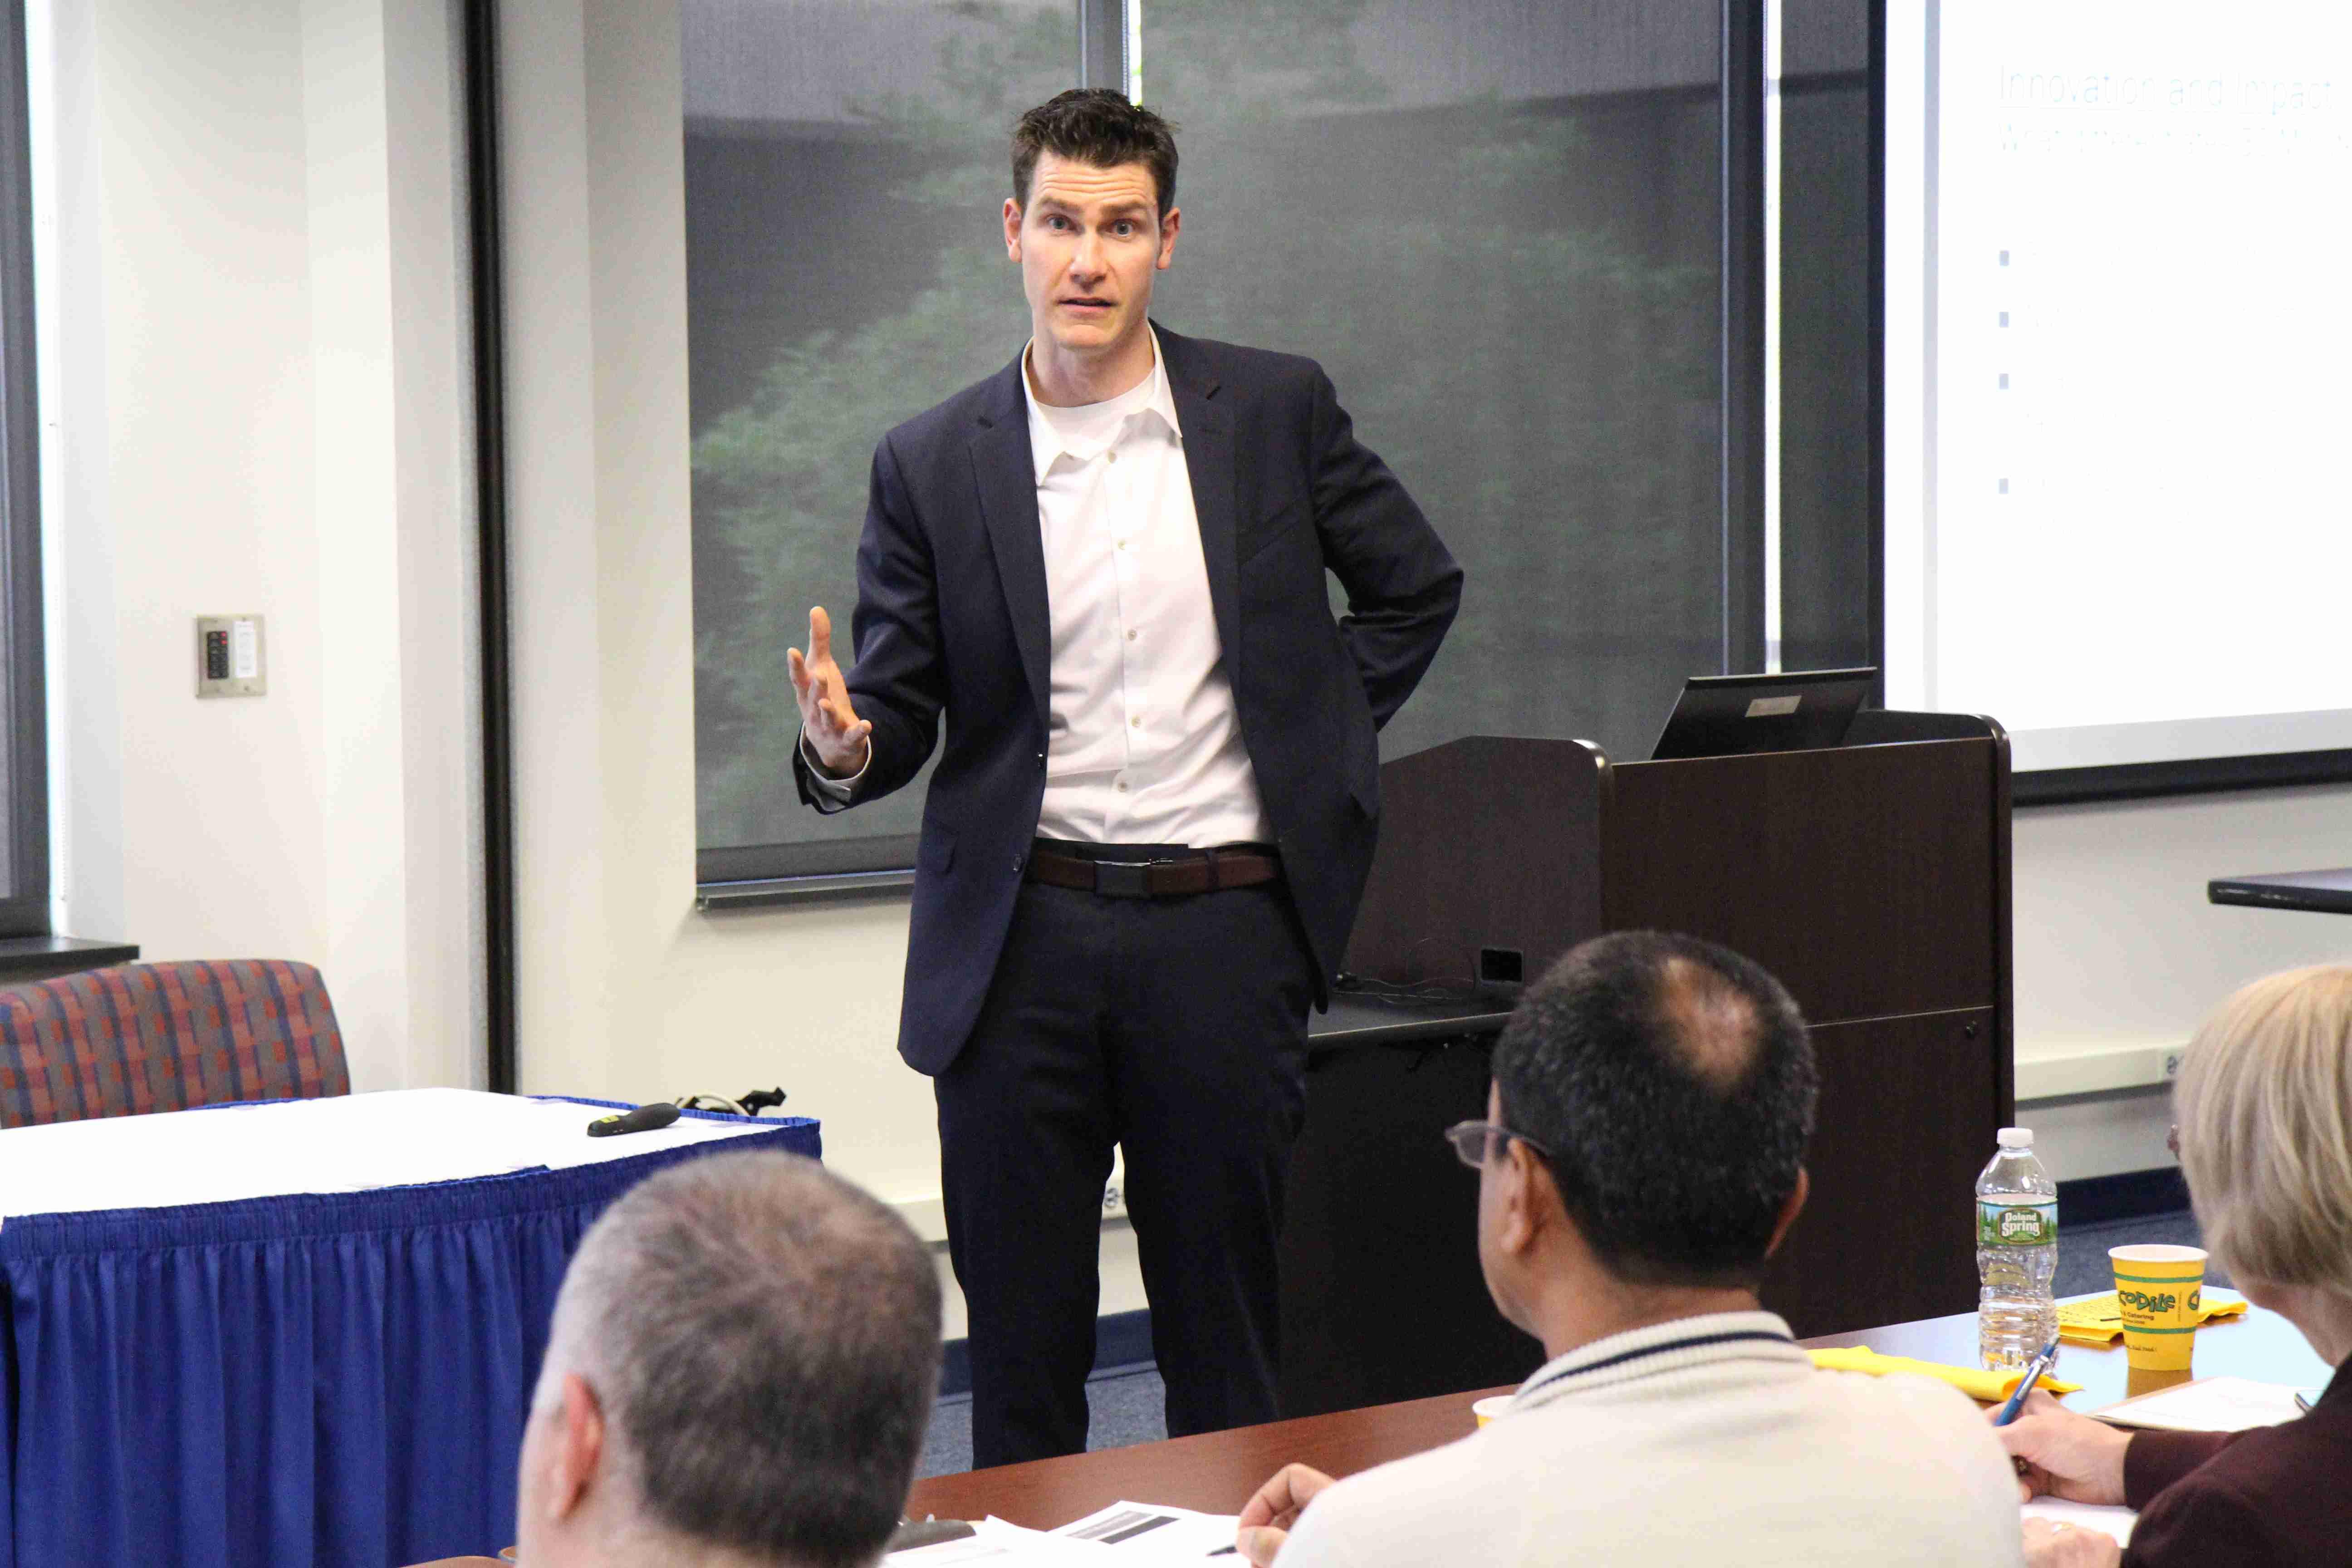 Matt speaking at Penn State